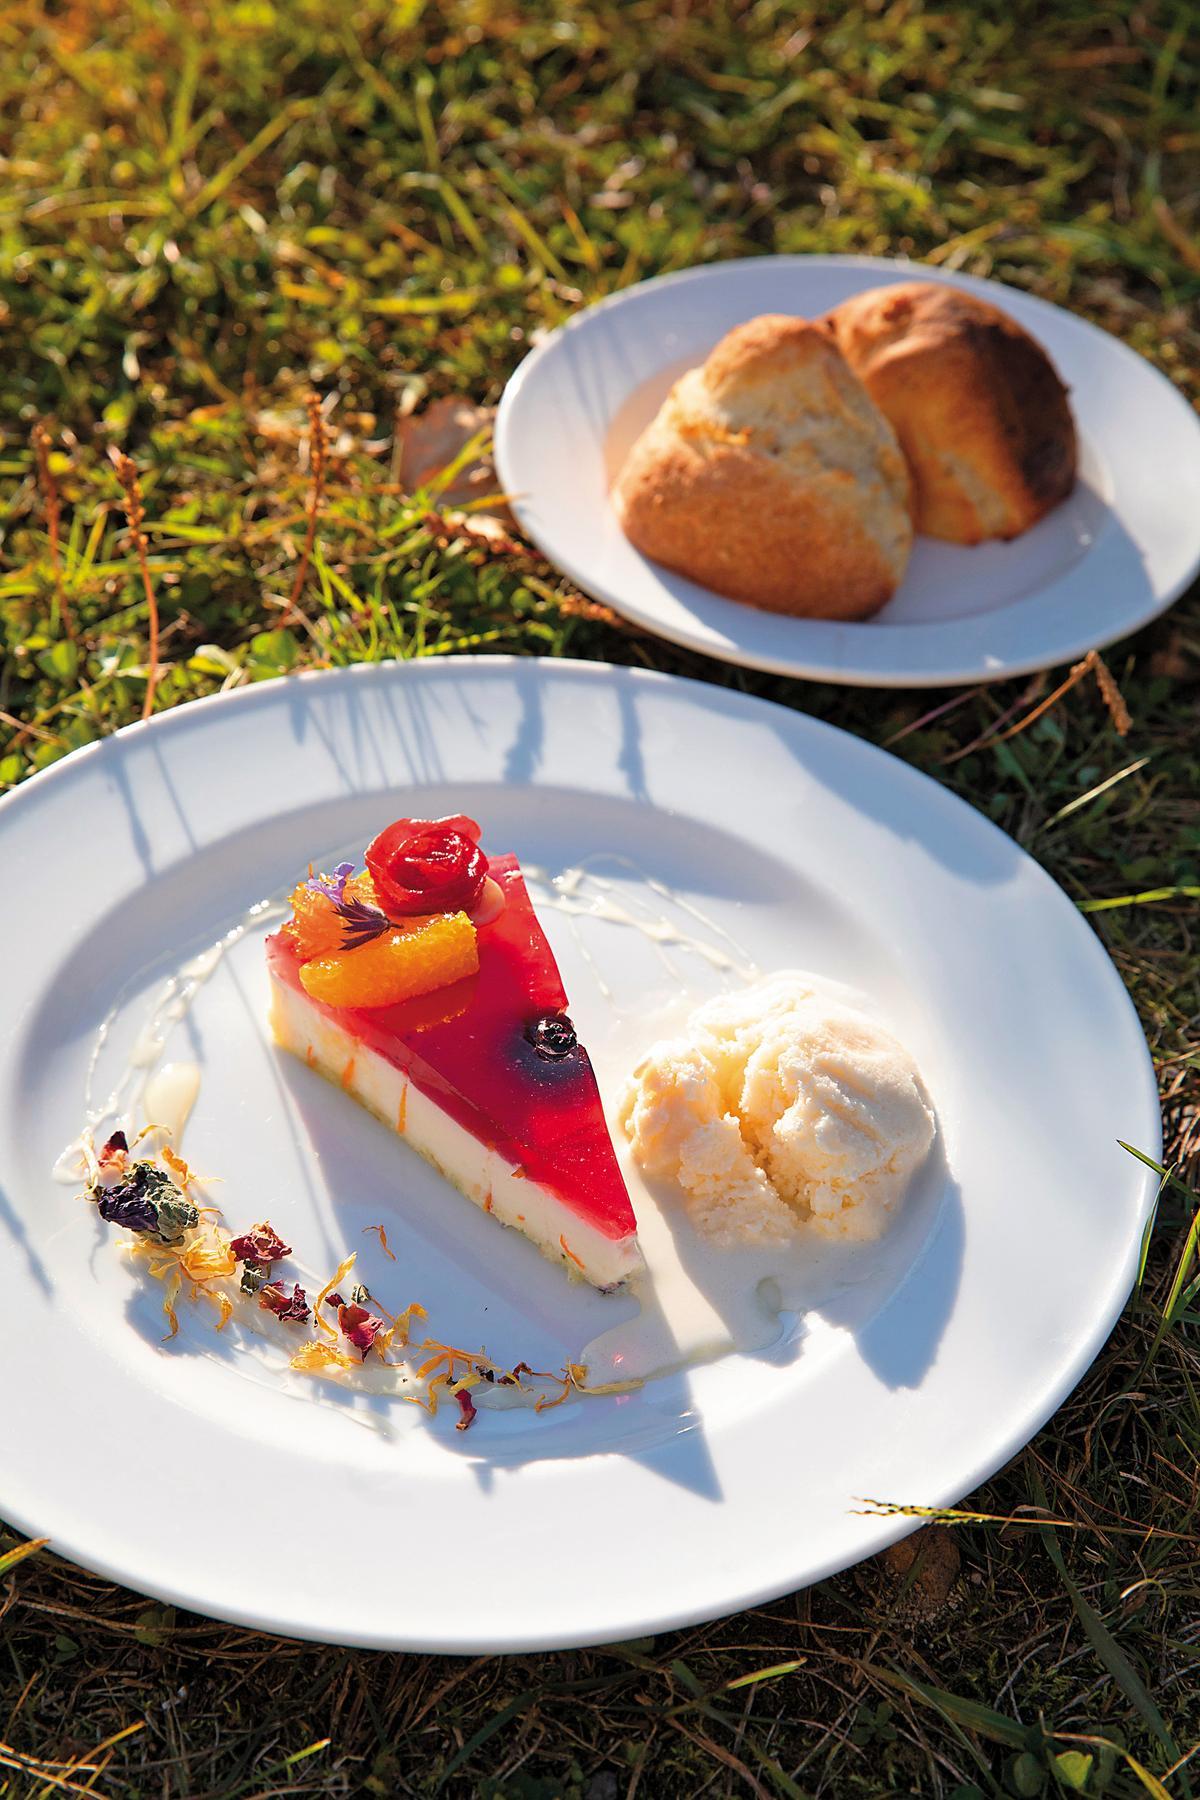 依照時令推出的手作甜點,使用醃漬水果入料。(500日圓/份,約NT$130)